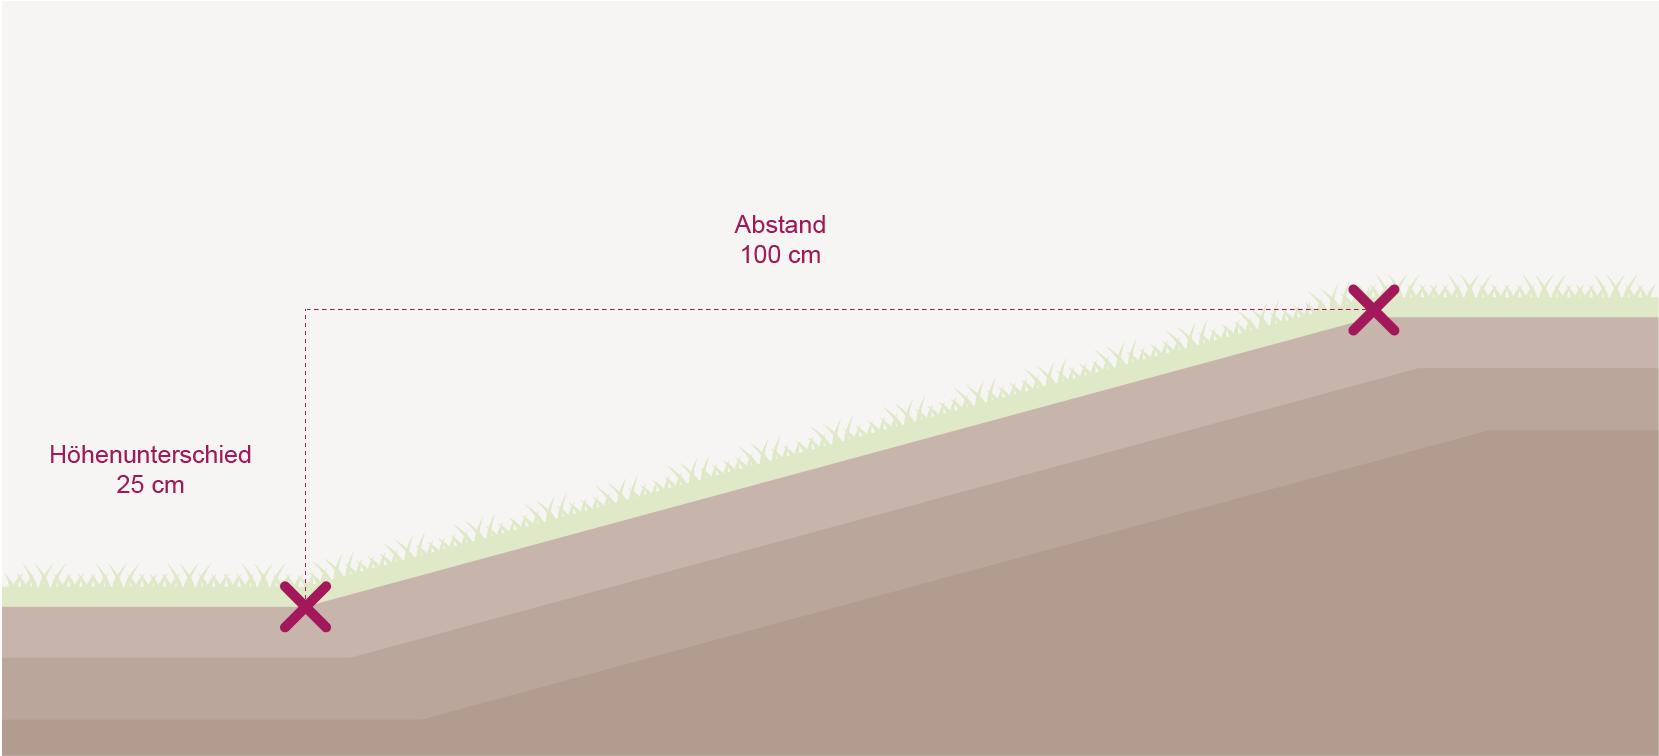 rasenroboter für steiles gelände-berechnen